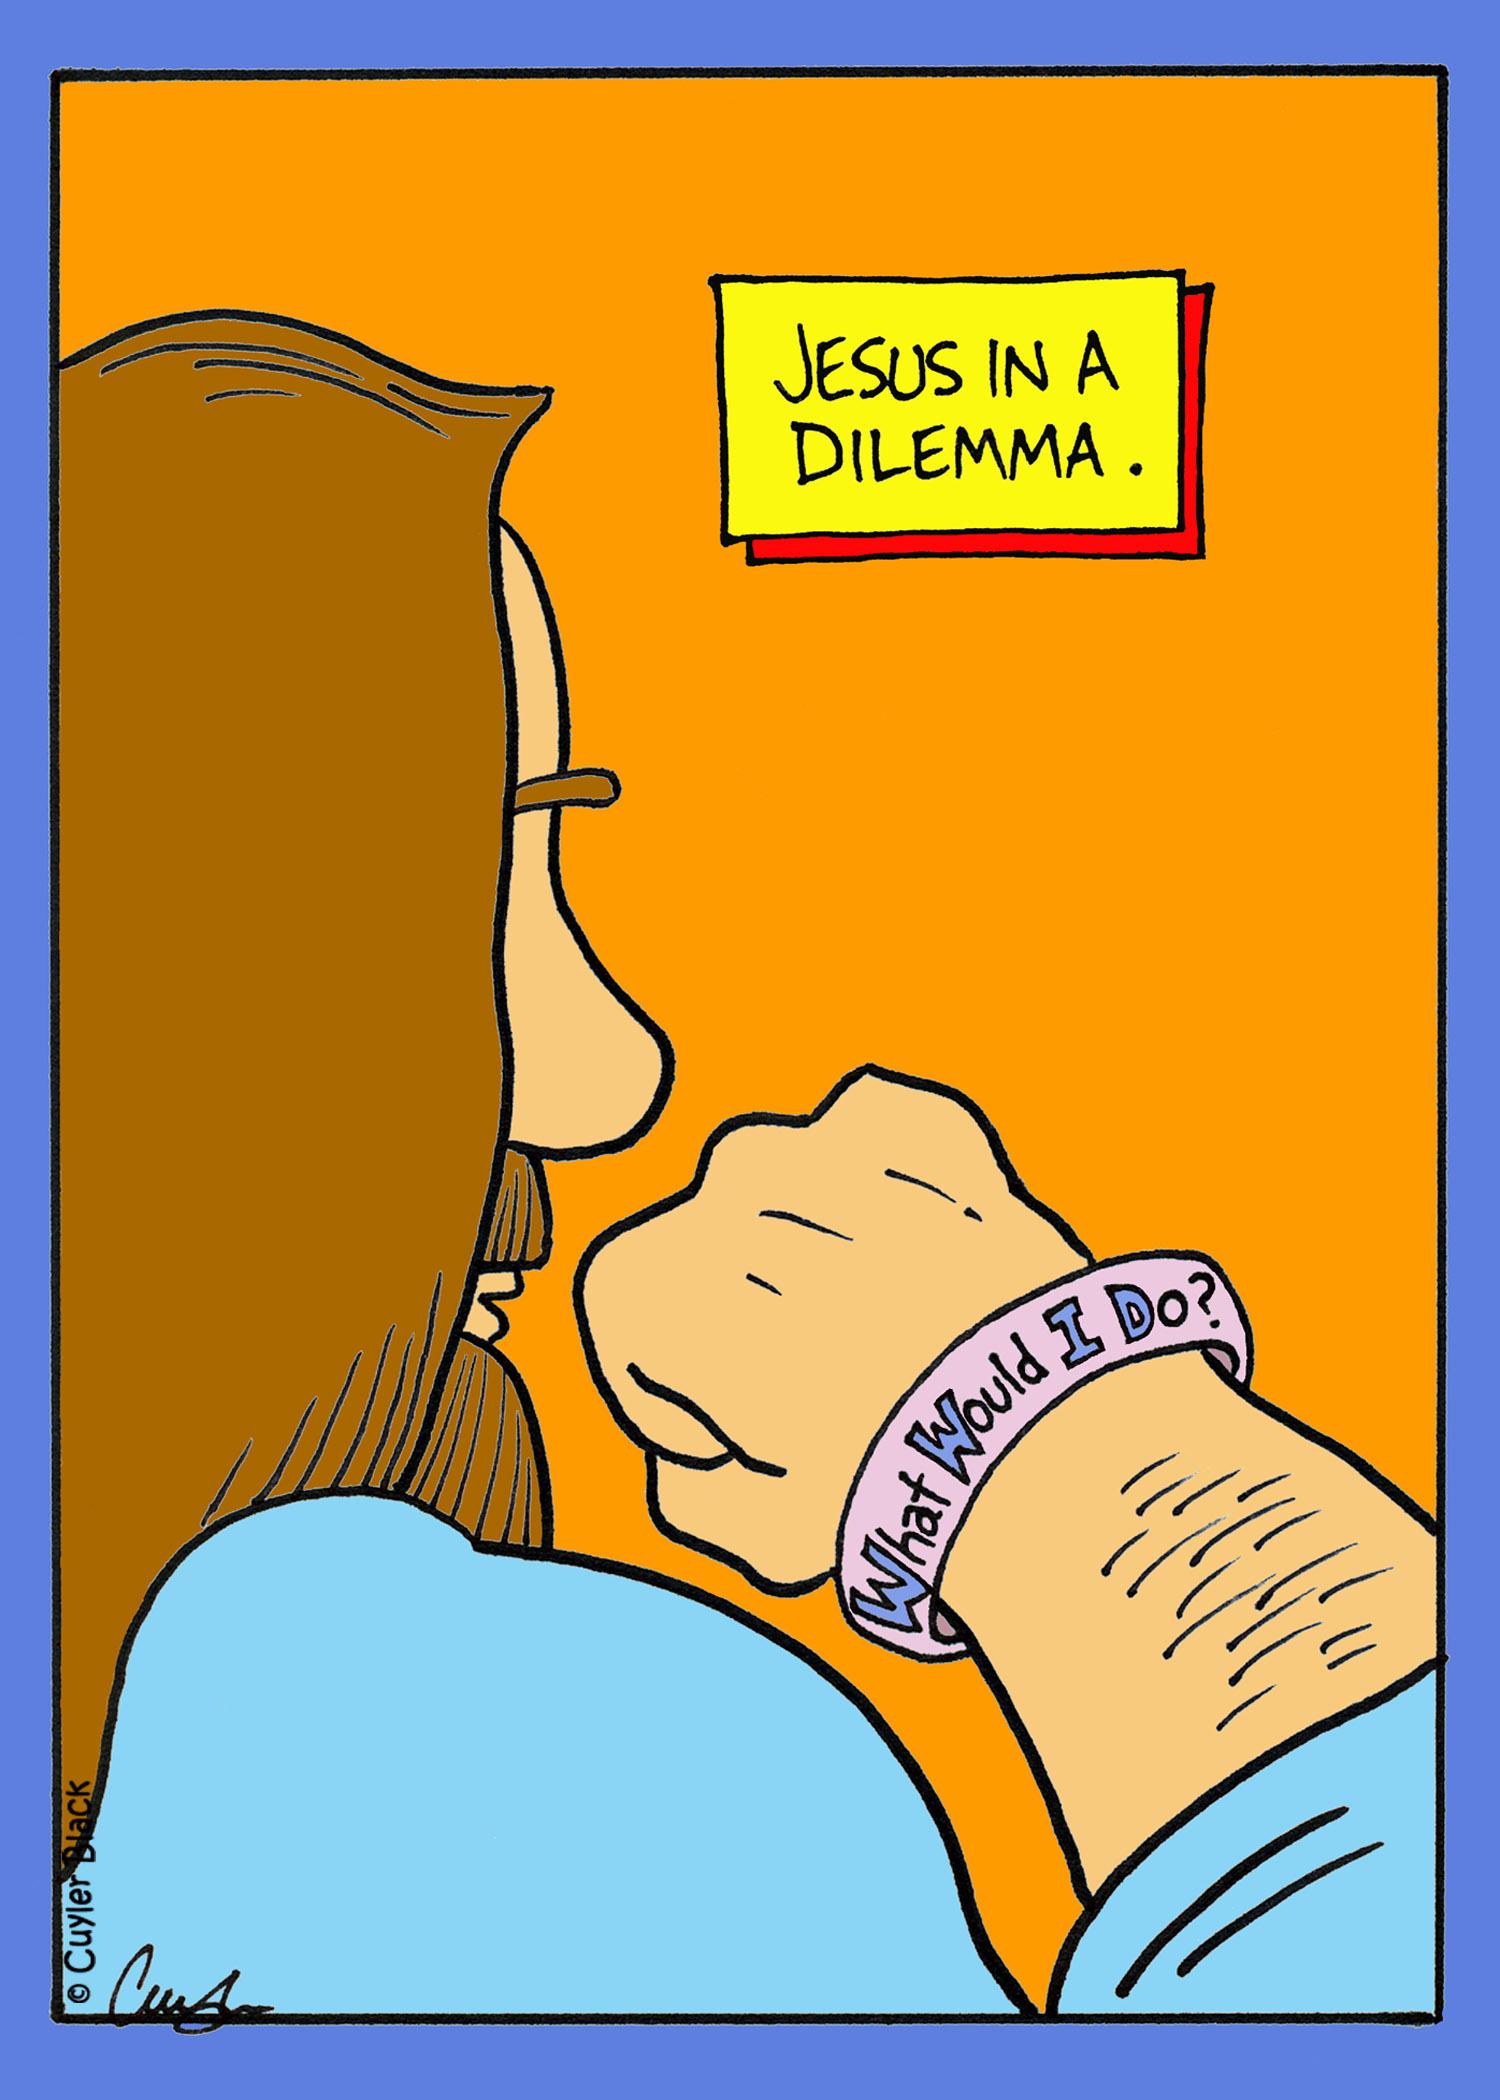 Jesus' dilemma.jpg